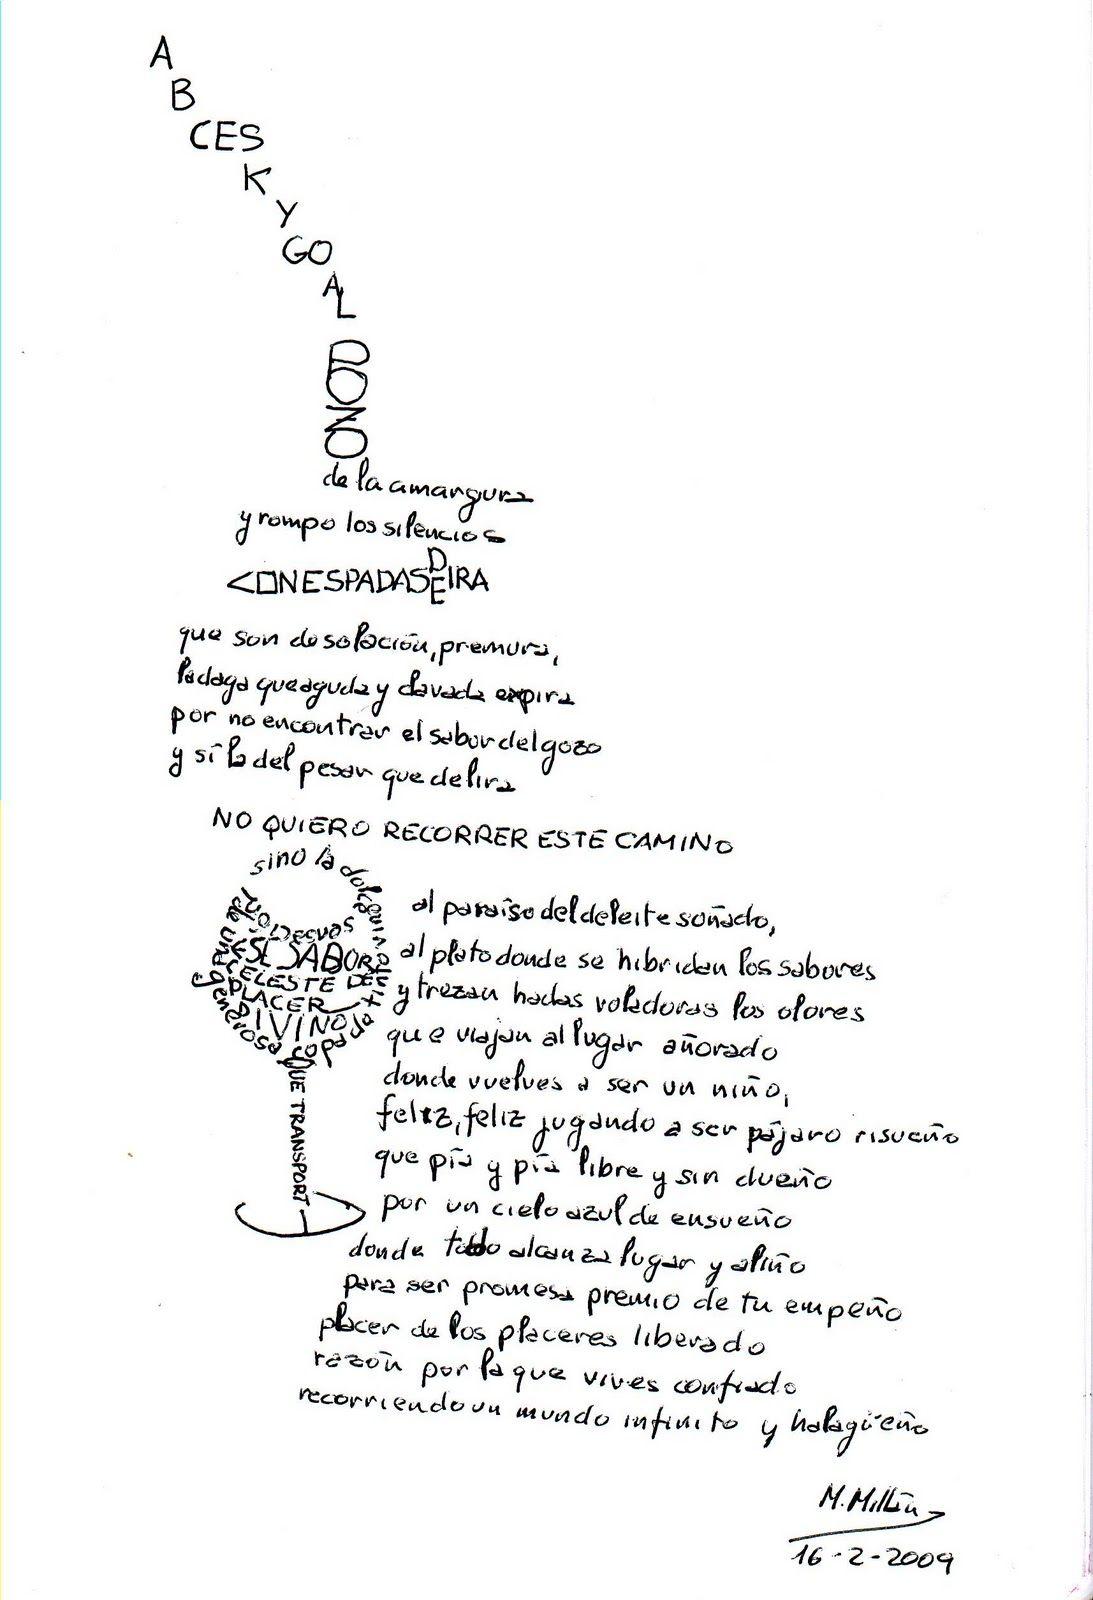 Caligramas El Pozo De La Amargura Caligramas Poemas Caligramas Libros Objeto